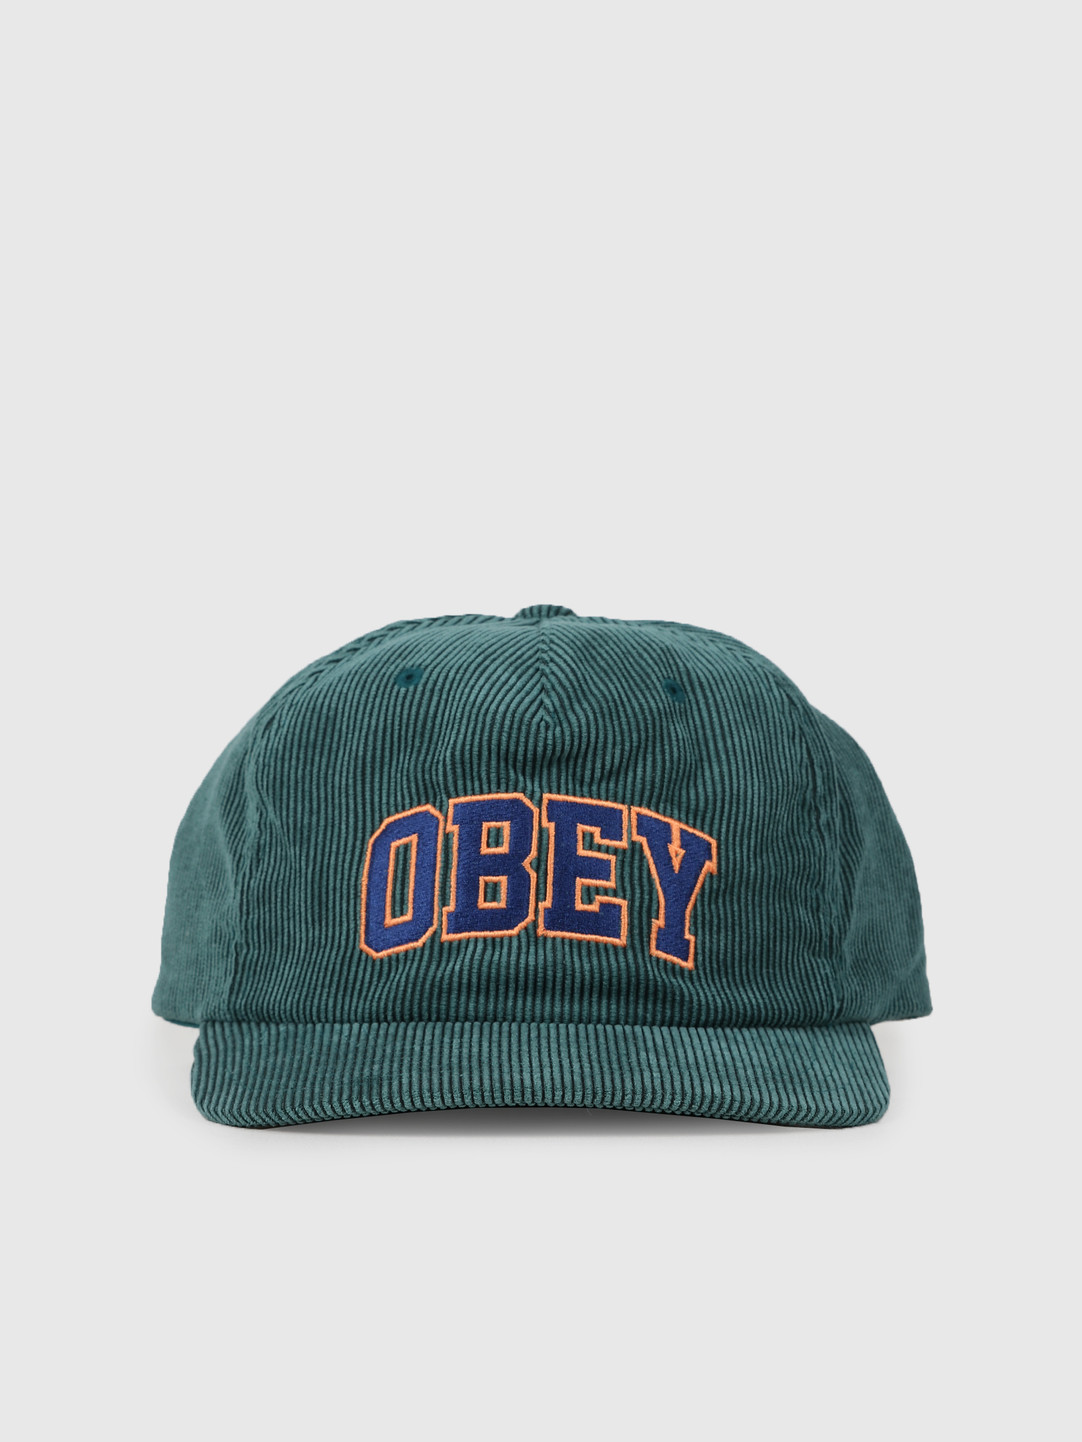 Obey Obey Higher Strapback Dark Teal 100570106Dtl